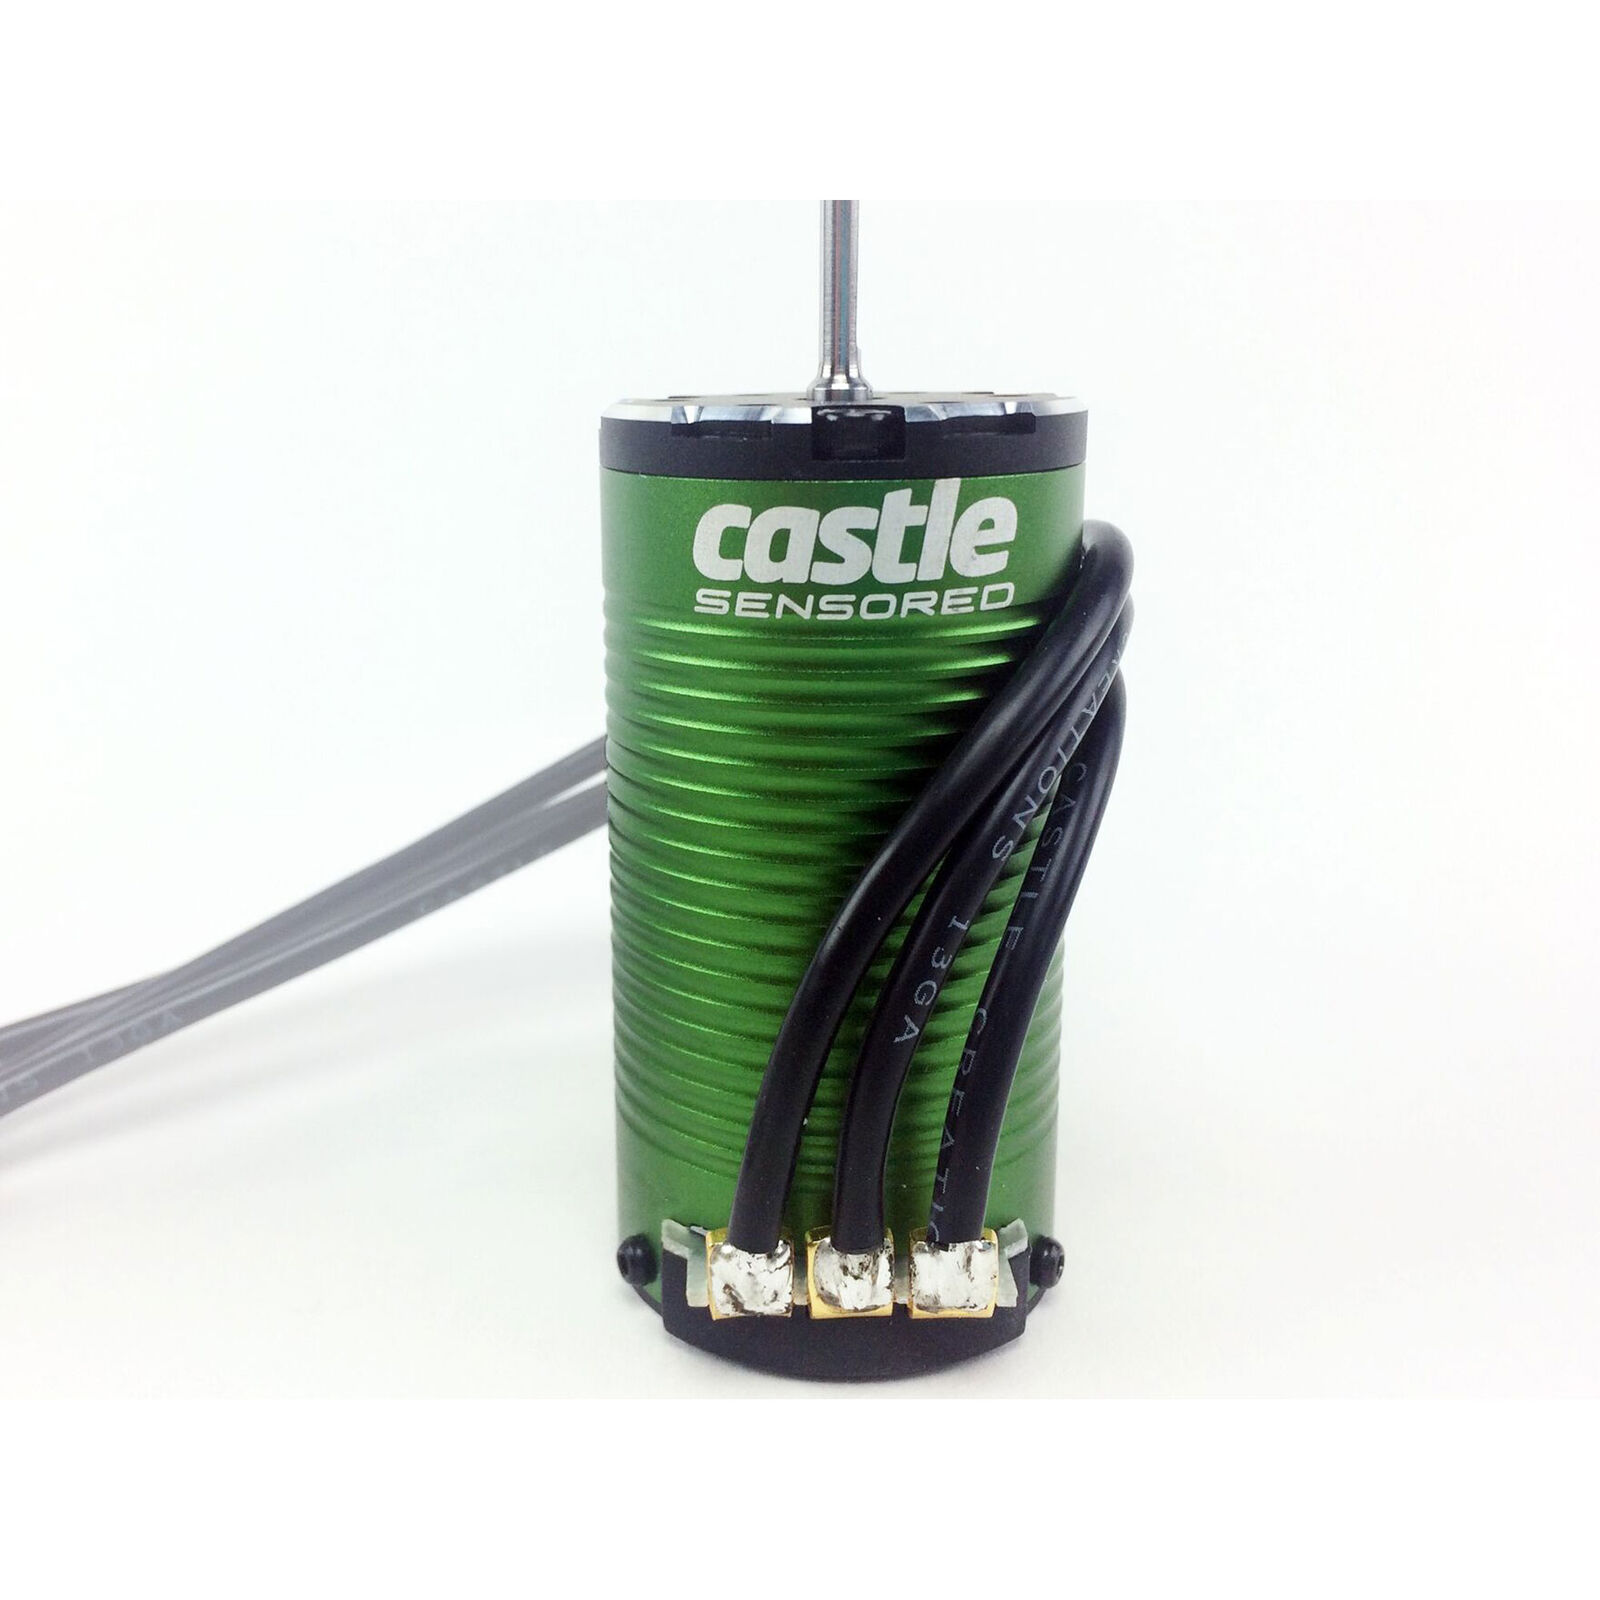 1/10 4-Pole Sensored Brushless Motor, 1415-2400Kv: 4mm Bullet